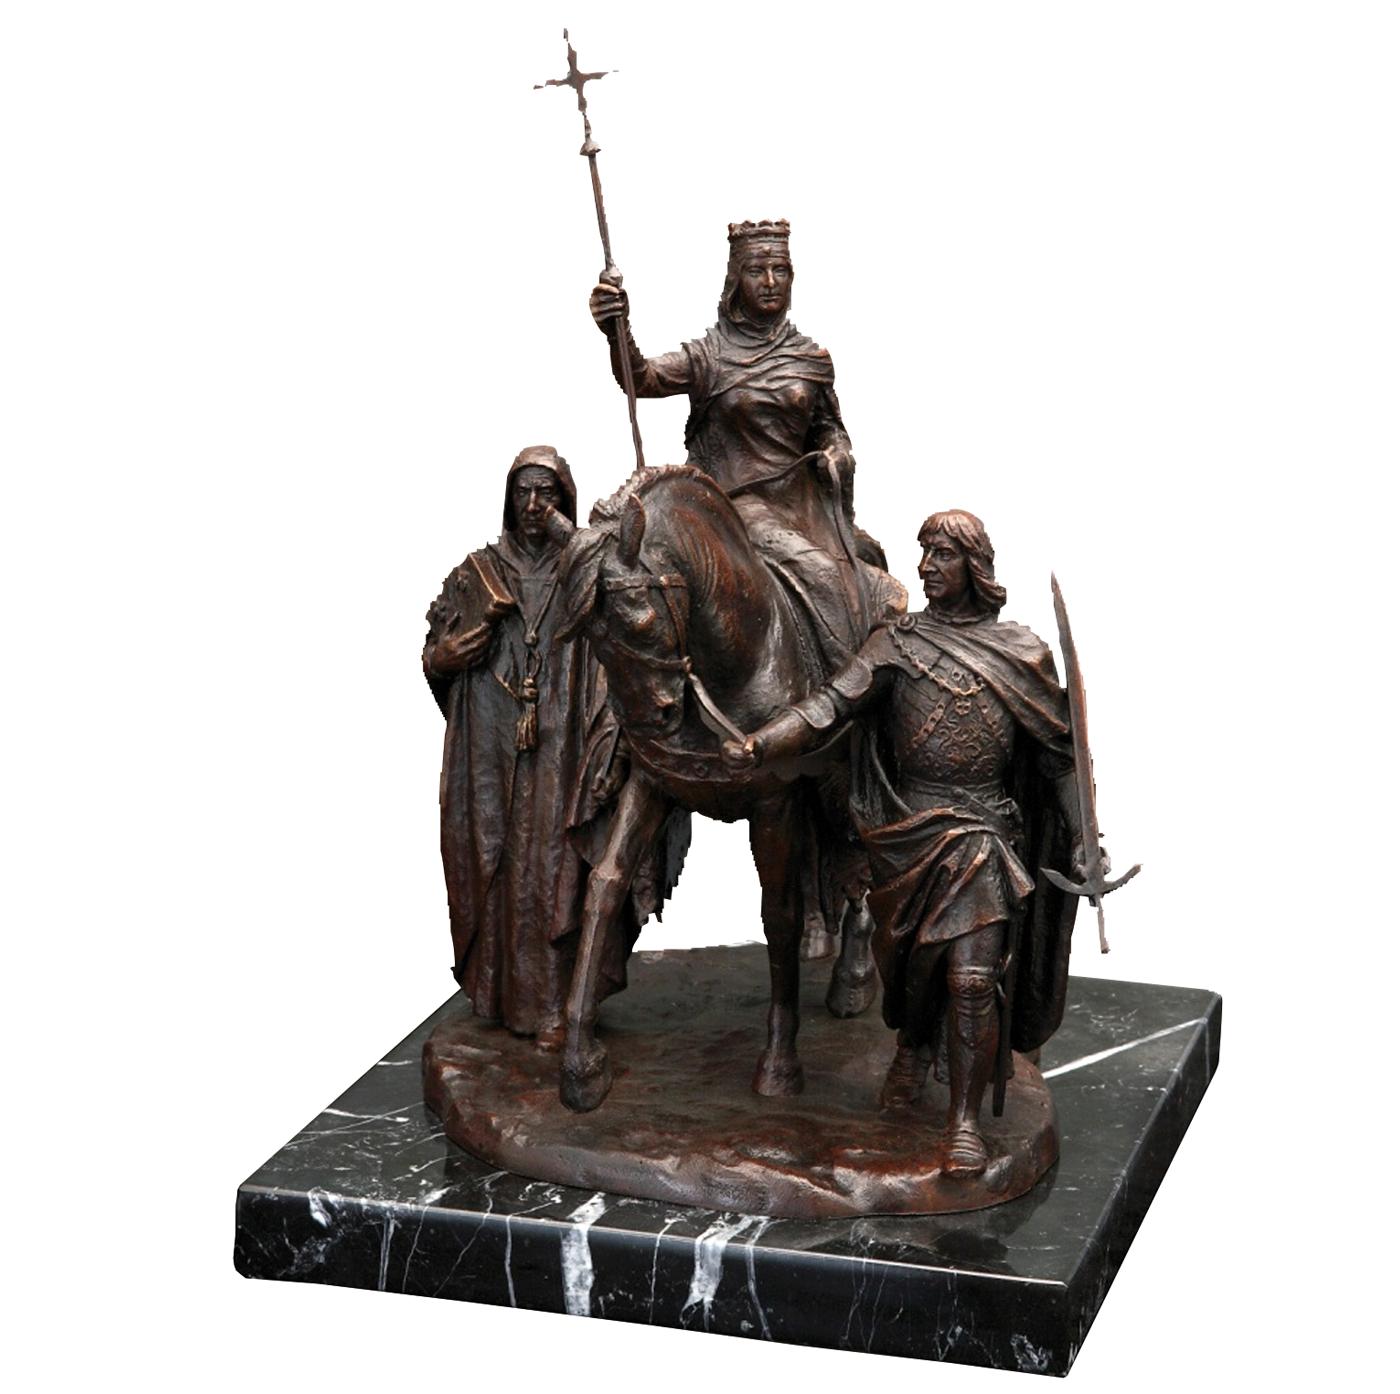 Escultura Isabel la Católica Madrid escultura histórica